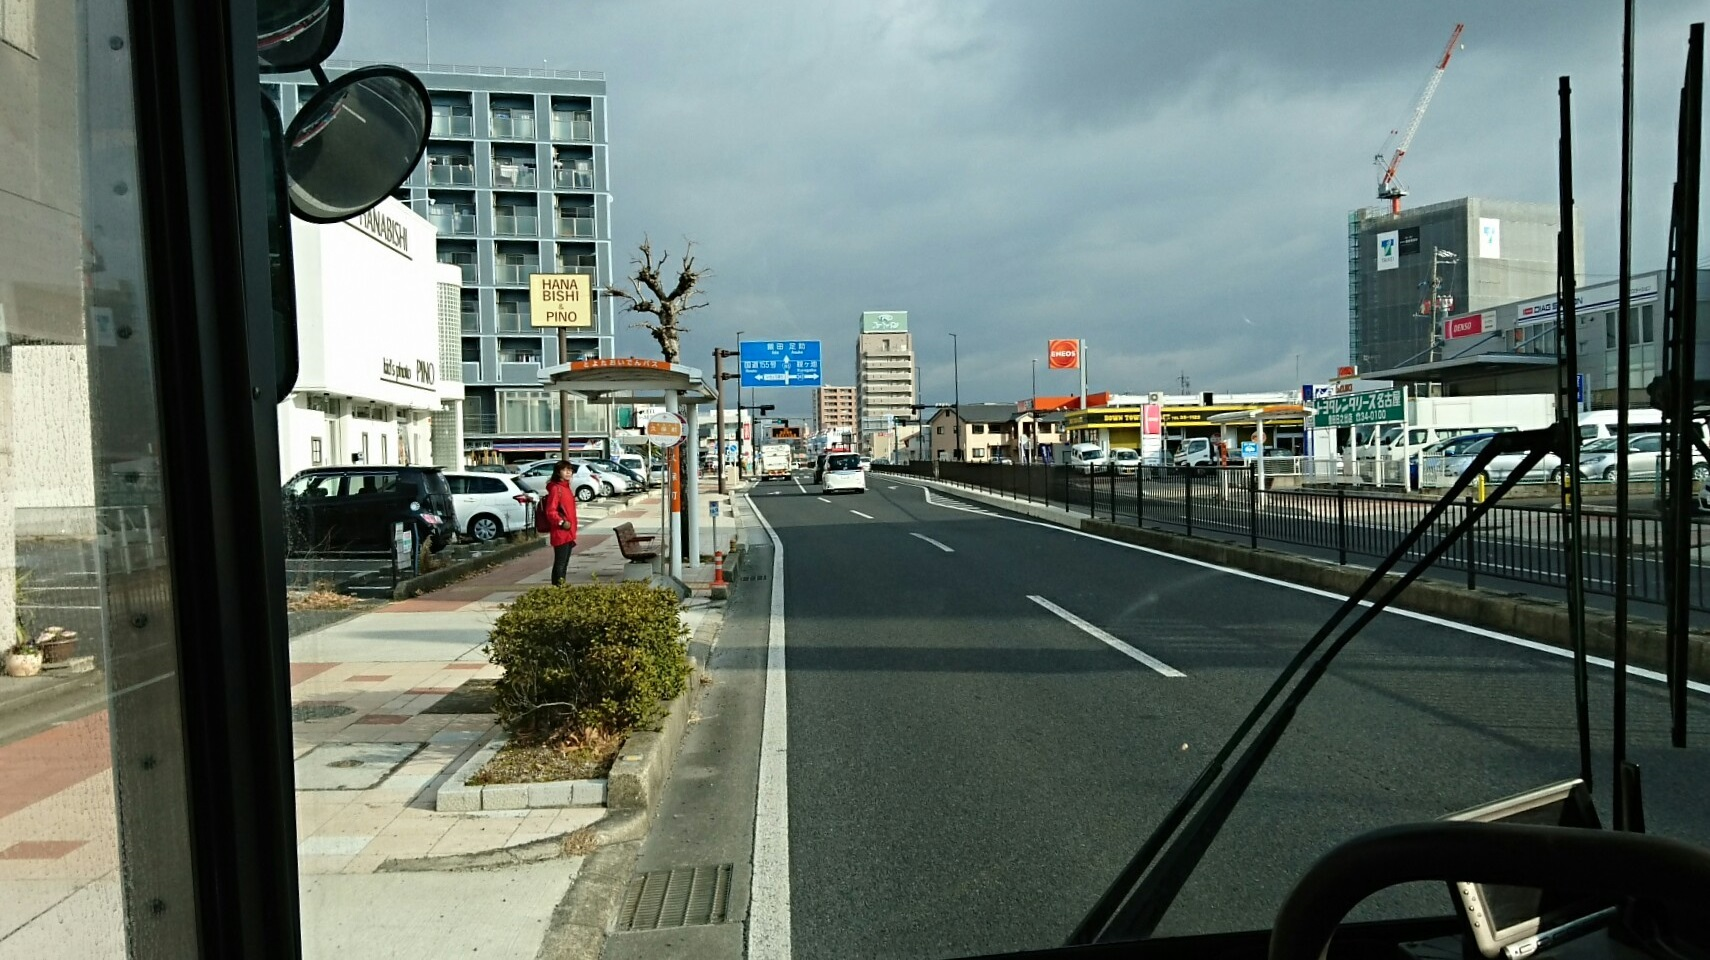 2018.2.5 東山住宅線 (15) 久保町バス停 1710-960